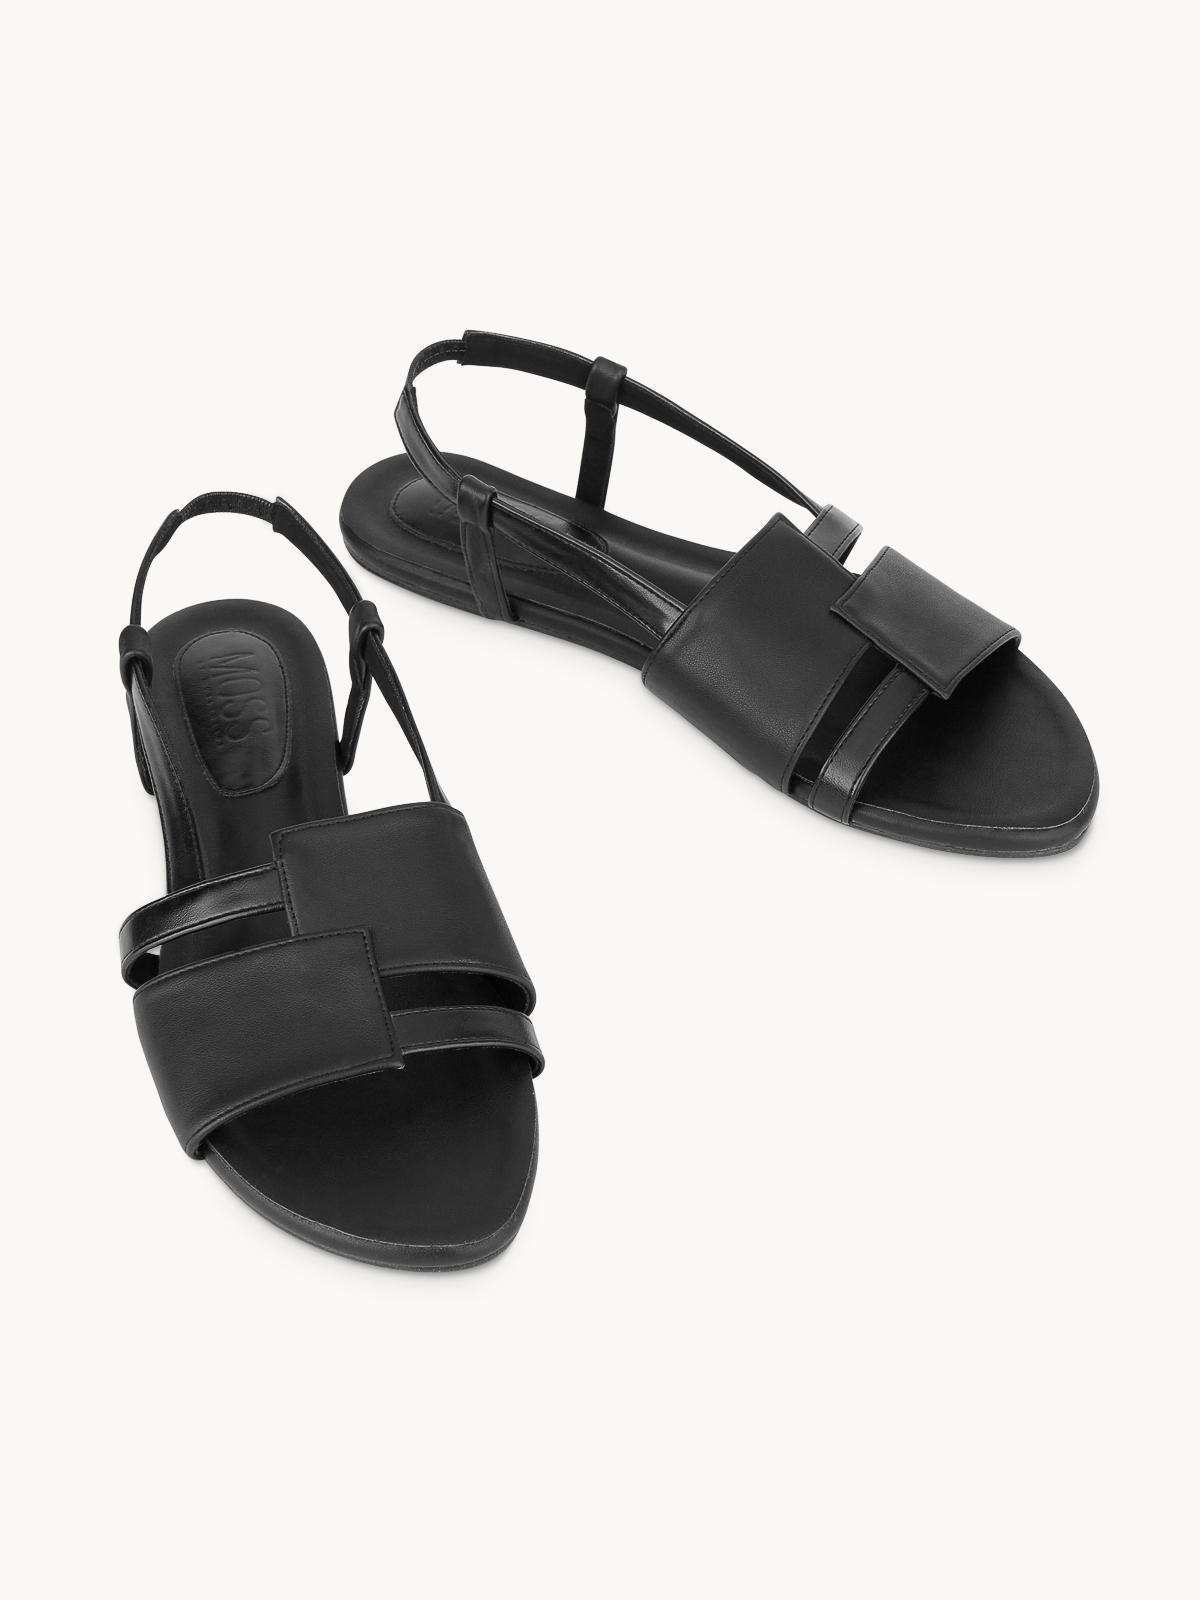 Mosstories Open Toe Flat Sandals Black